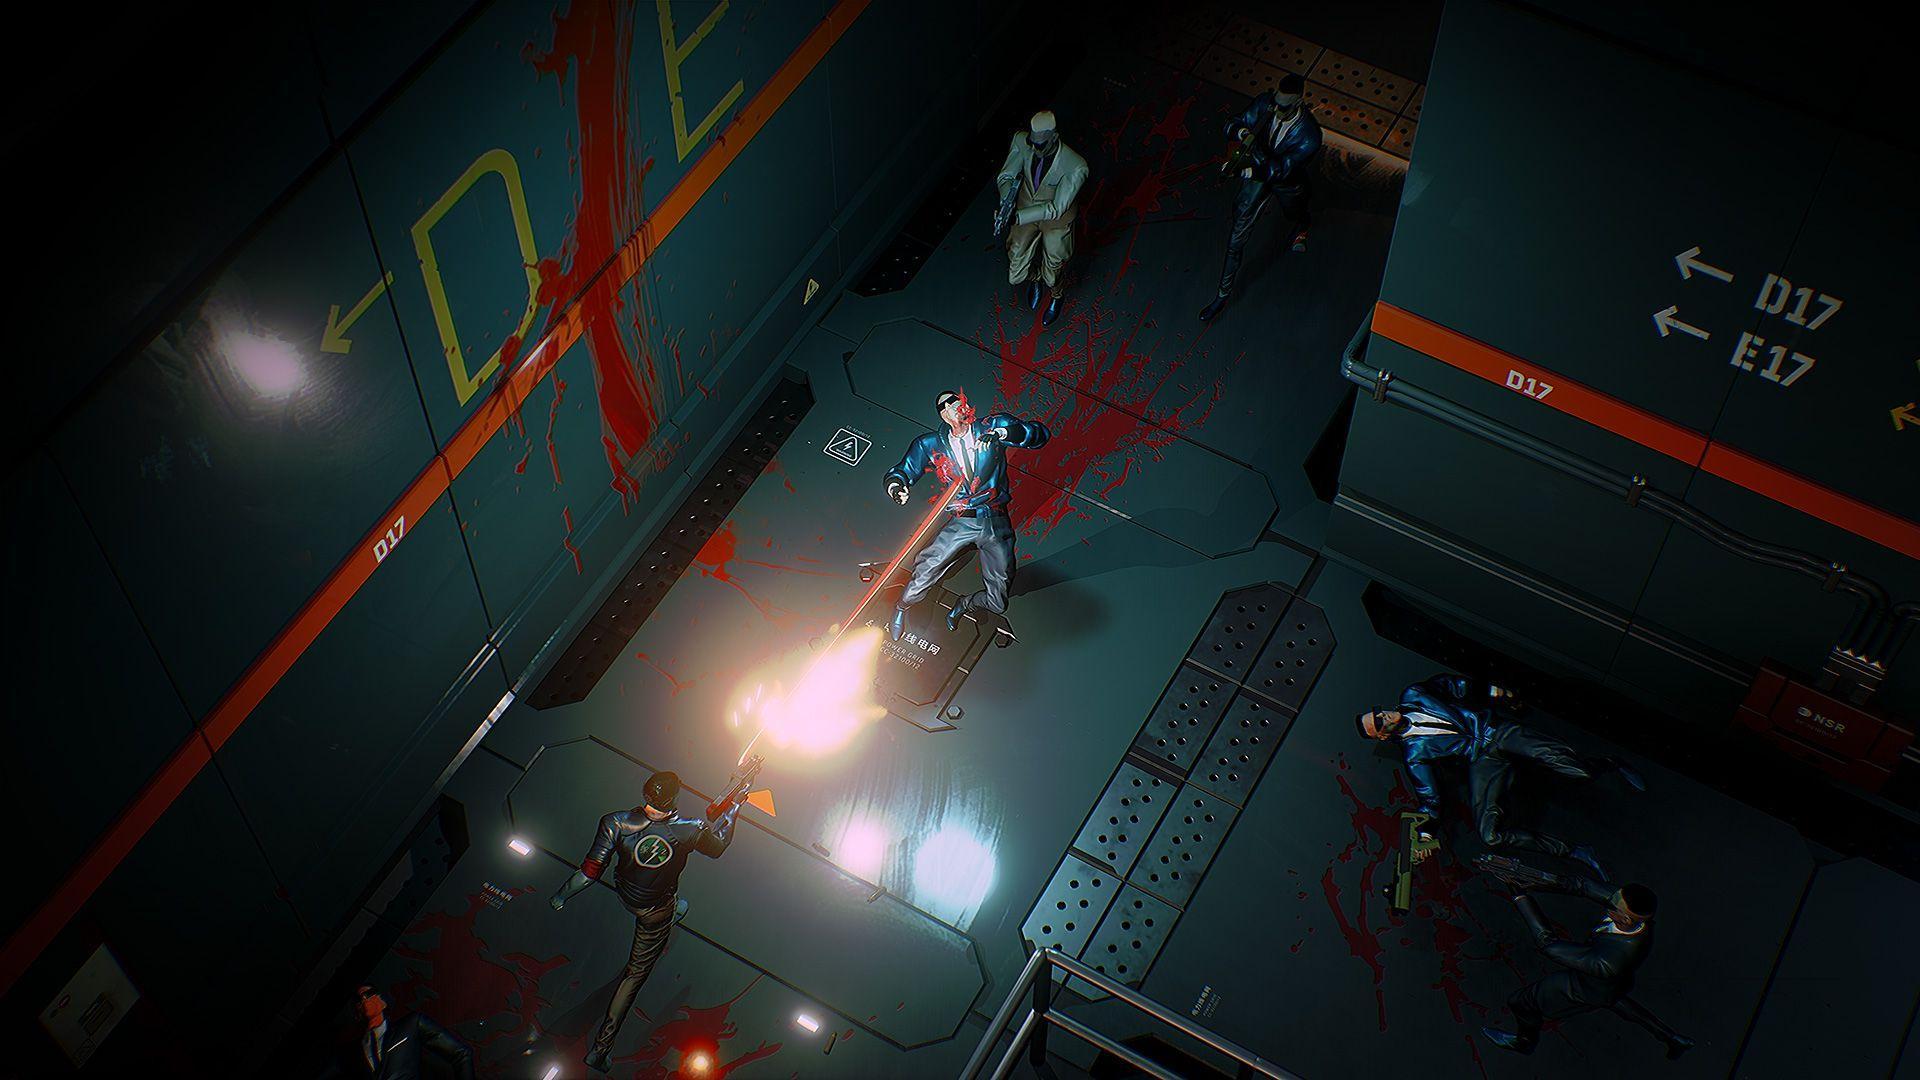 В новом видео к игре RUINER можно увидеть противостояние с боссами